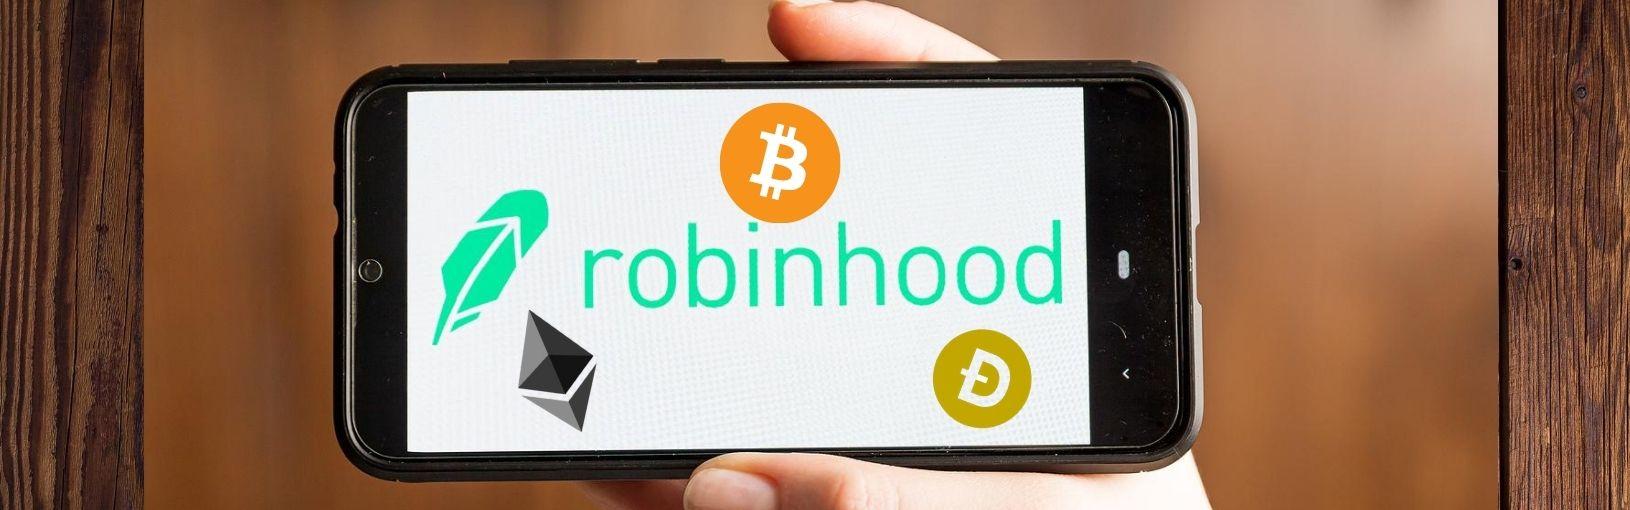 trgovanje bitcoinima zarađujući novac kako investirati s bitcoinom u robinhood